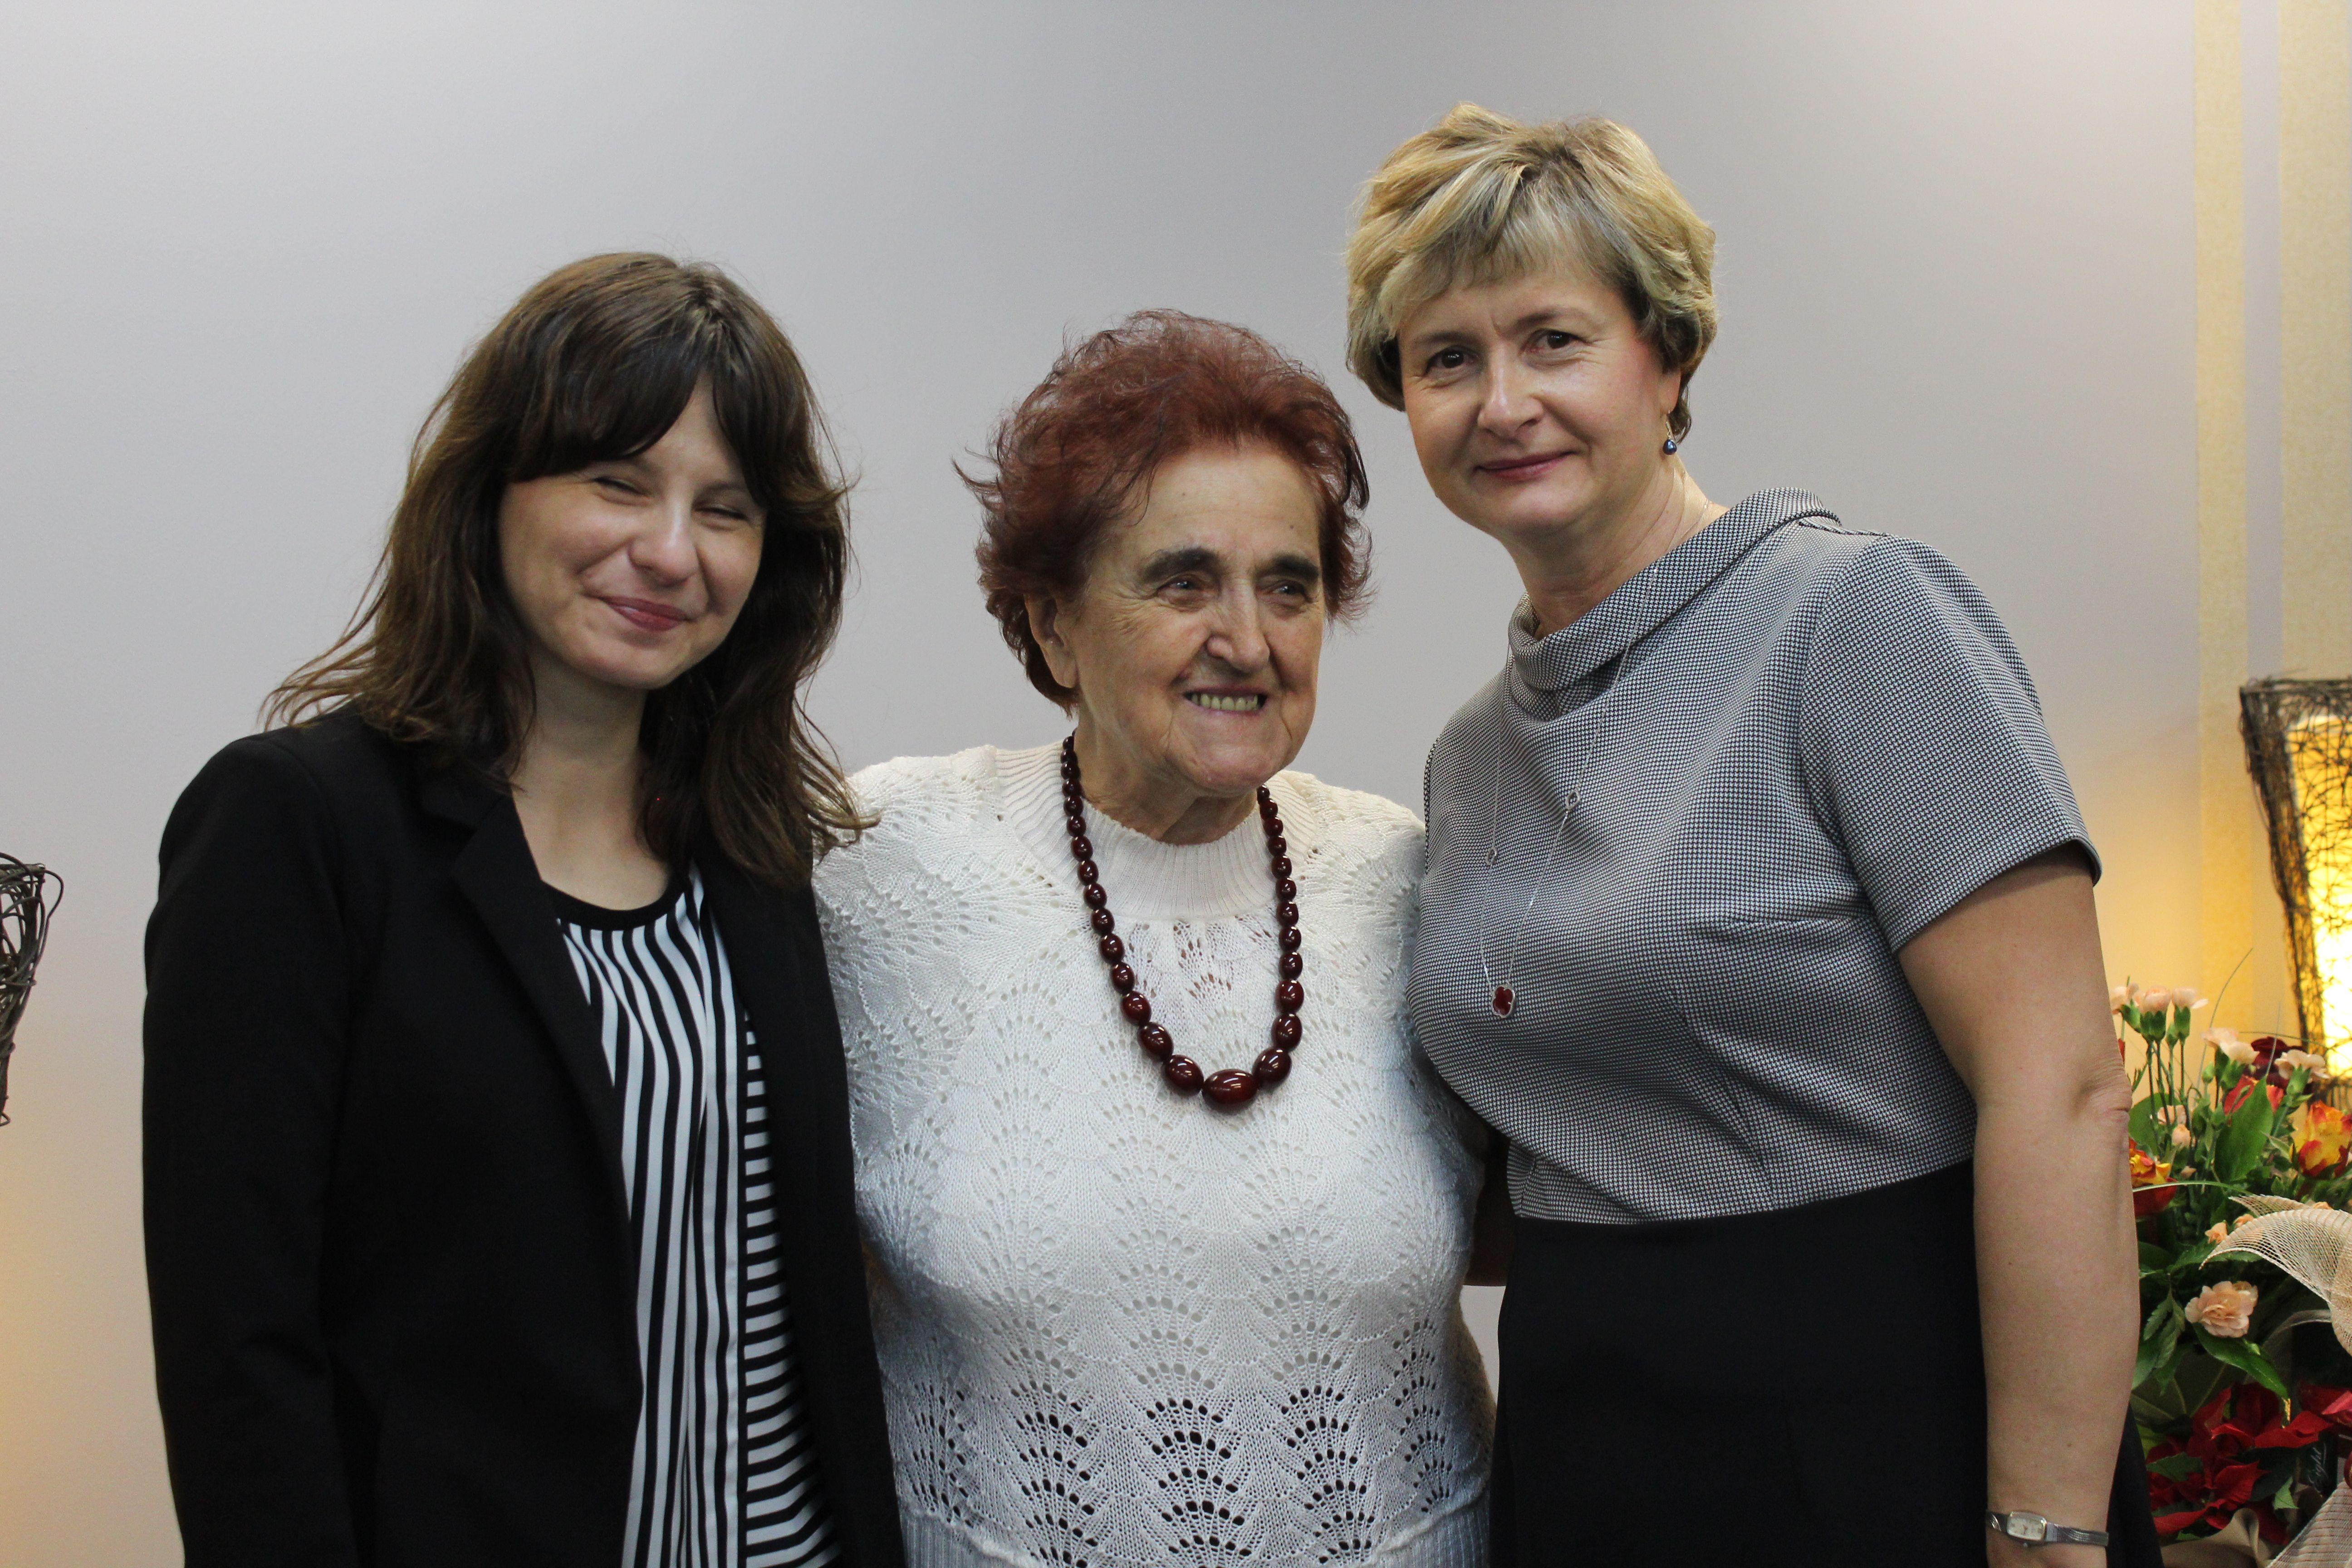 Wanda Bukowska 54